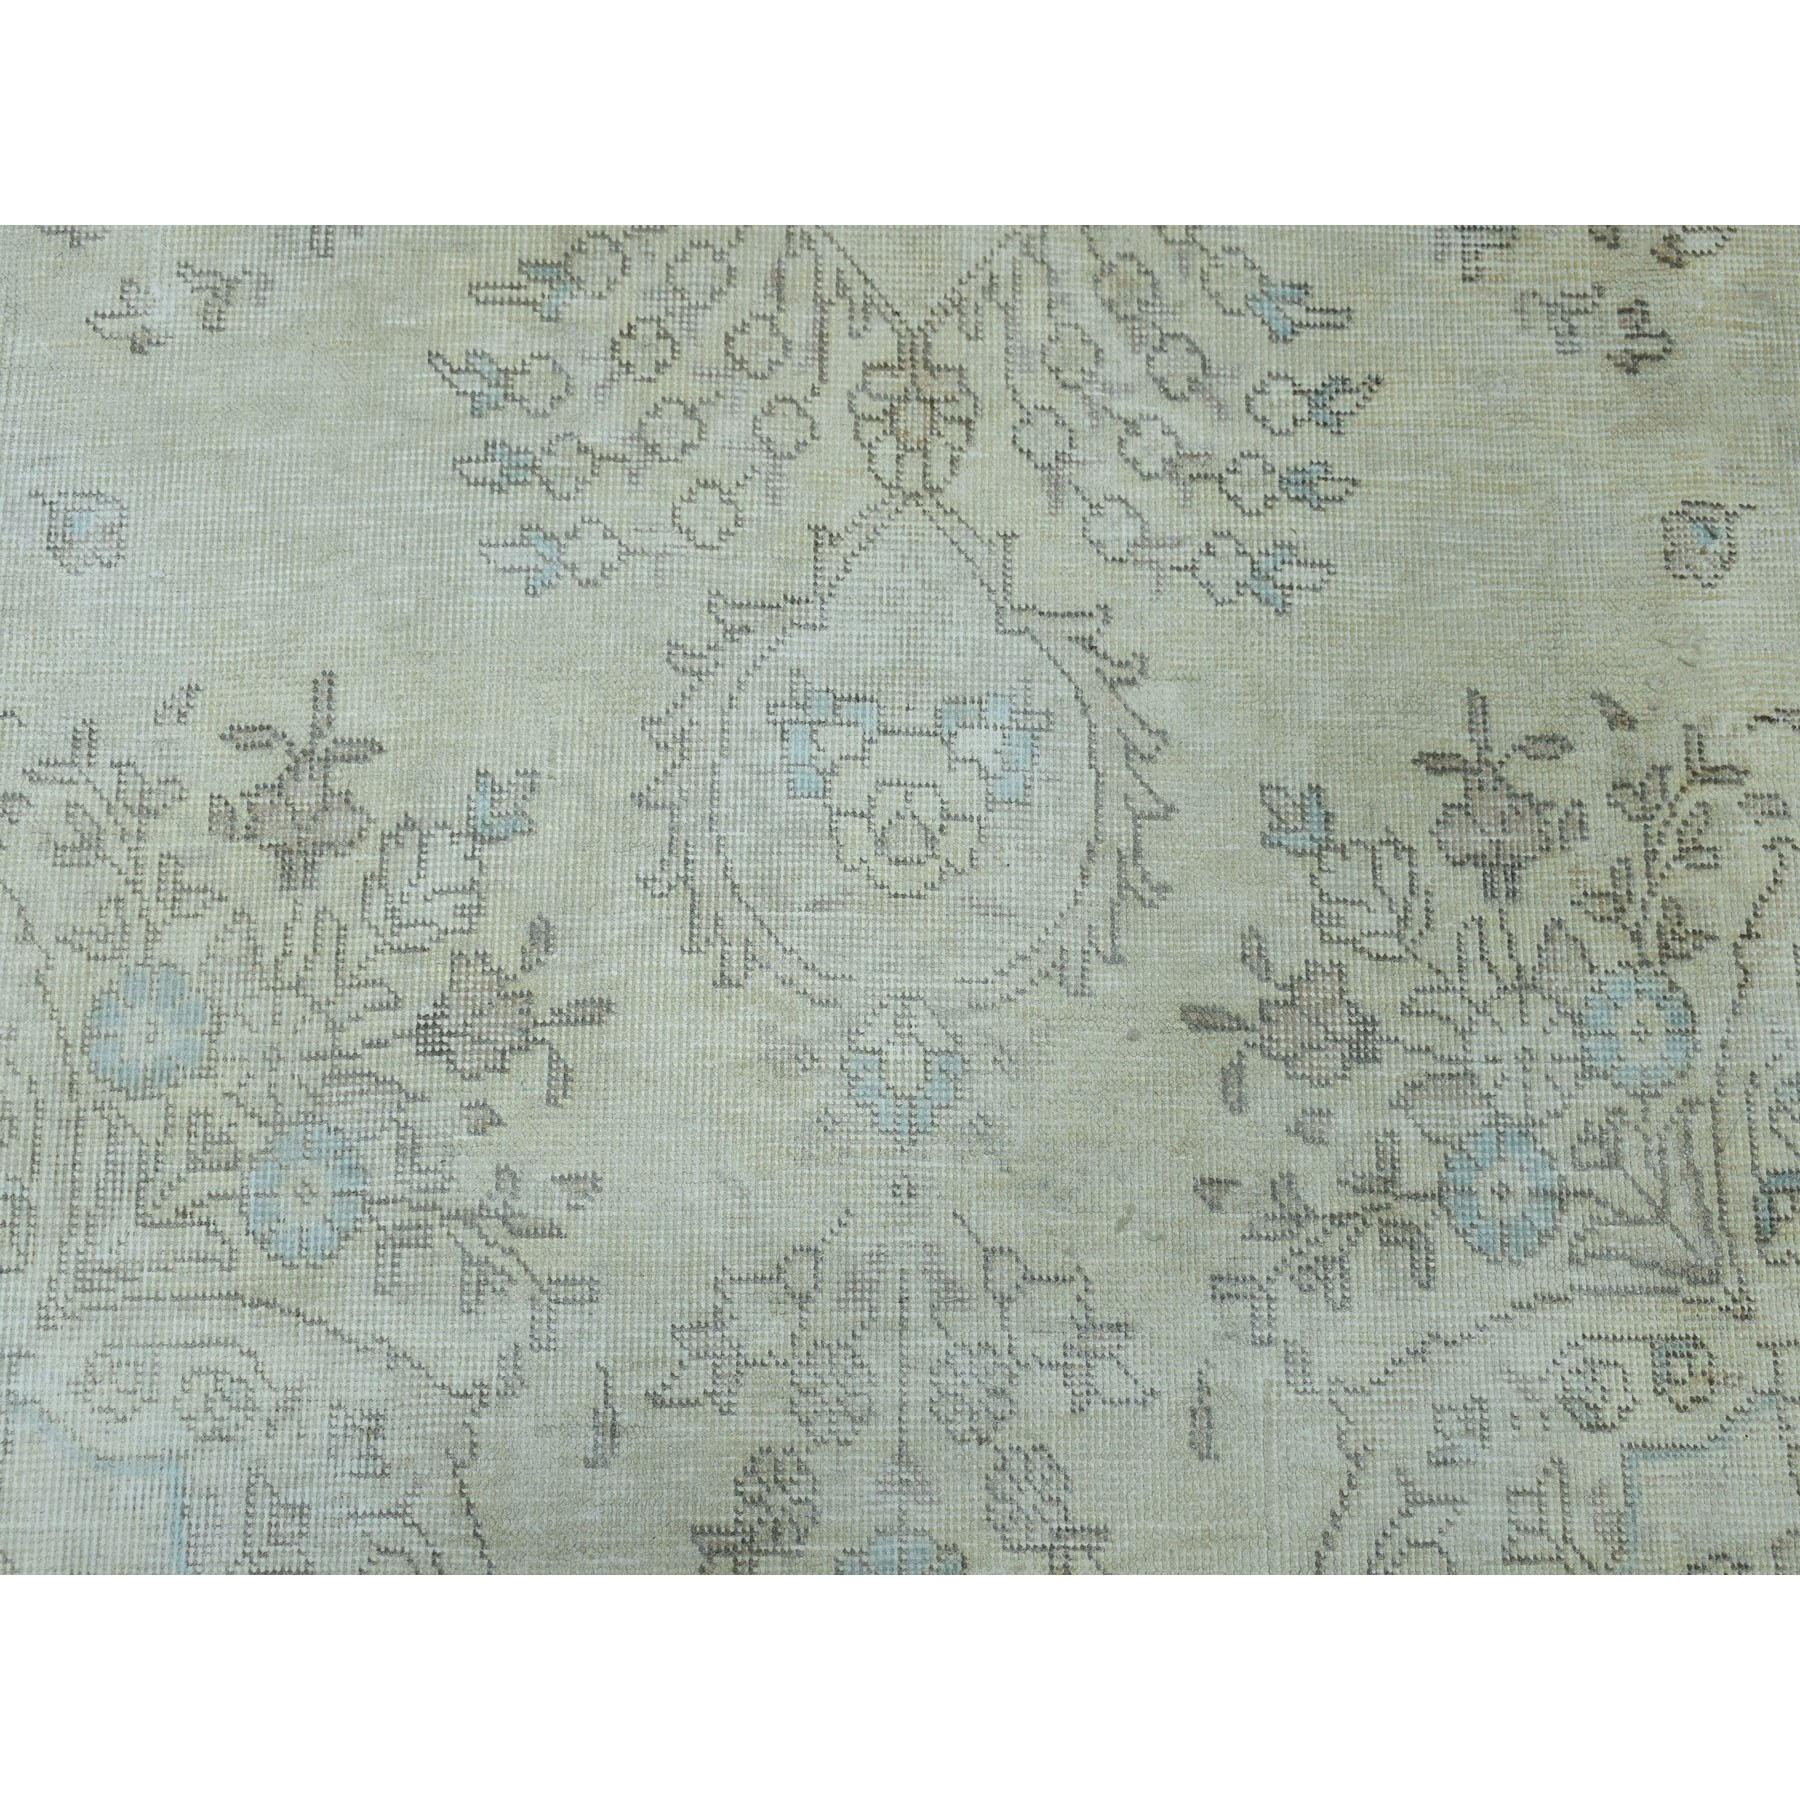 6-3 x9-5  Vintage White Wash Tabriz Worn Wool Hand-Knotted Oriental Rug